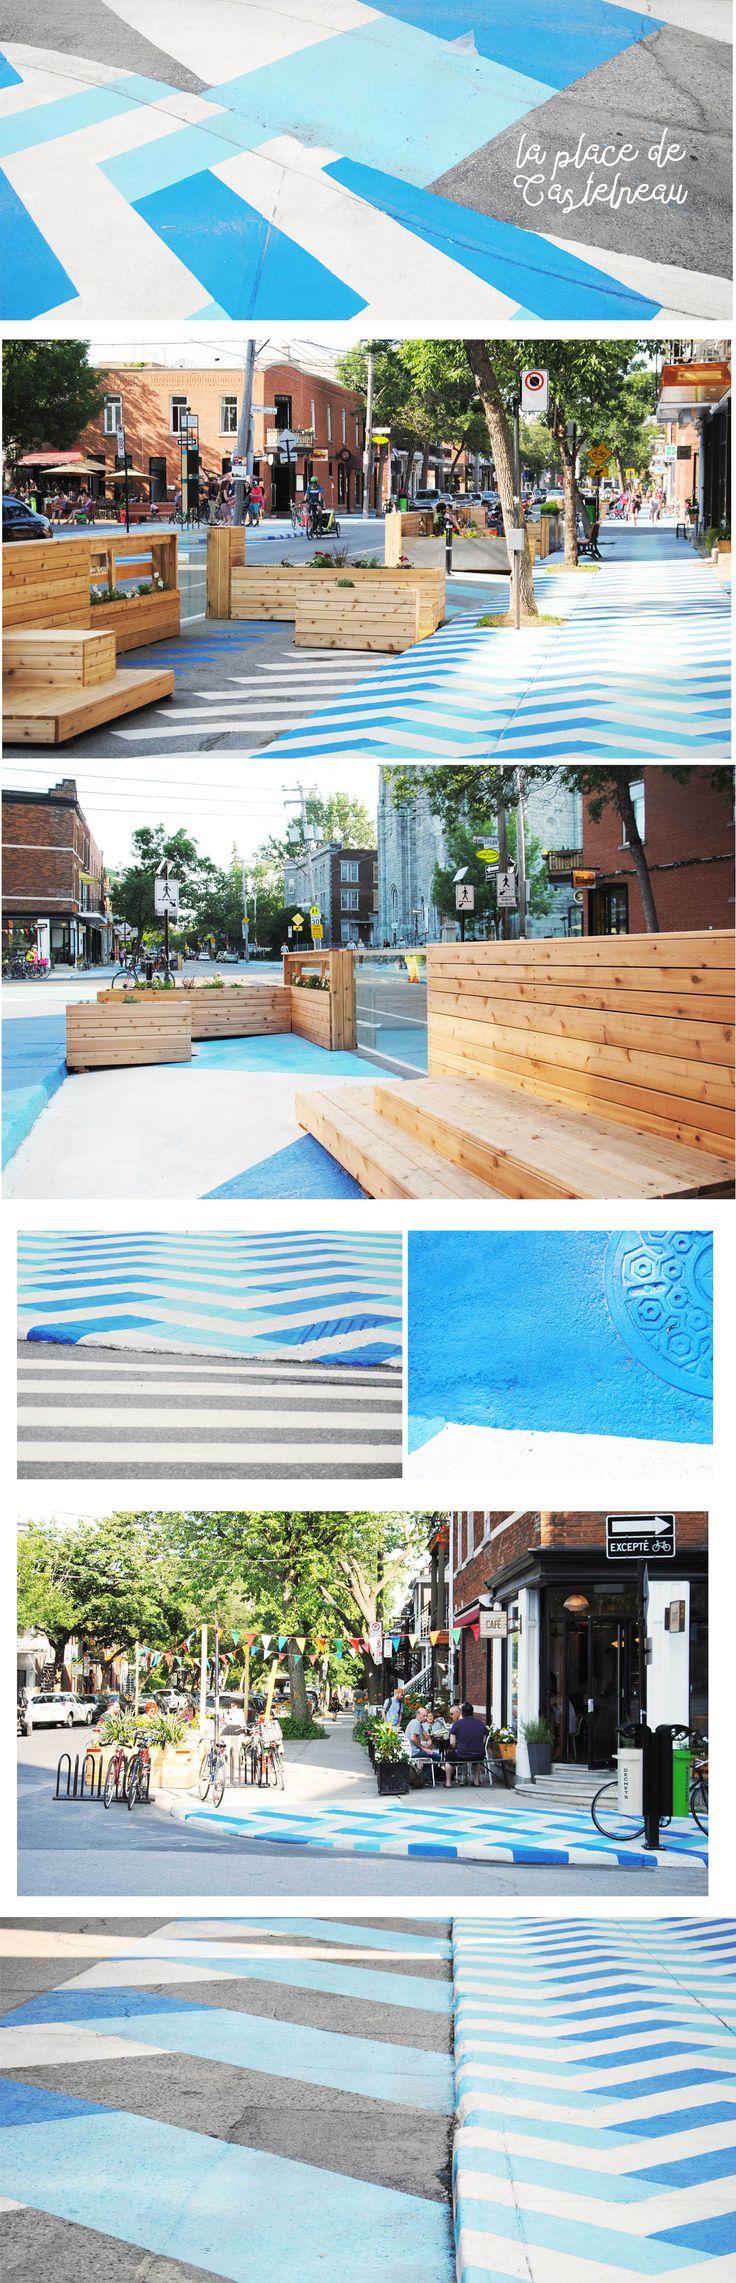 Place de Castelnau - Villeray - Montréal  Espace public - Mobilier Urbain - Placottoir - Design Urbain - Trottoirs - Peinture au sol